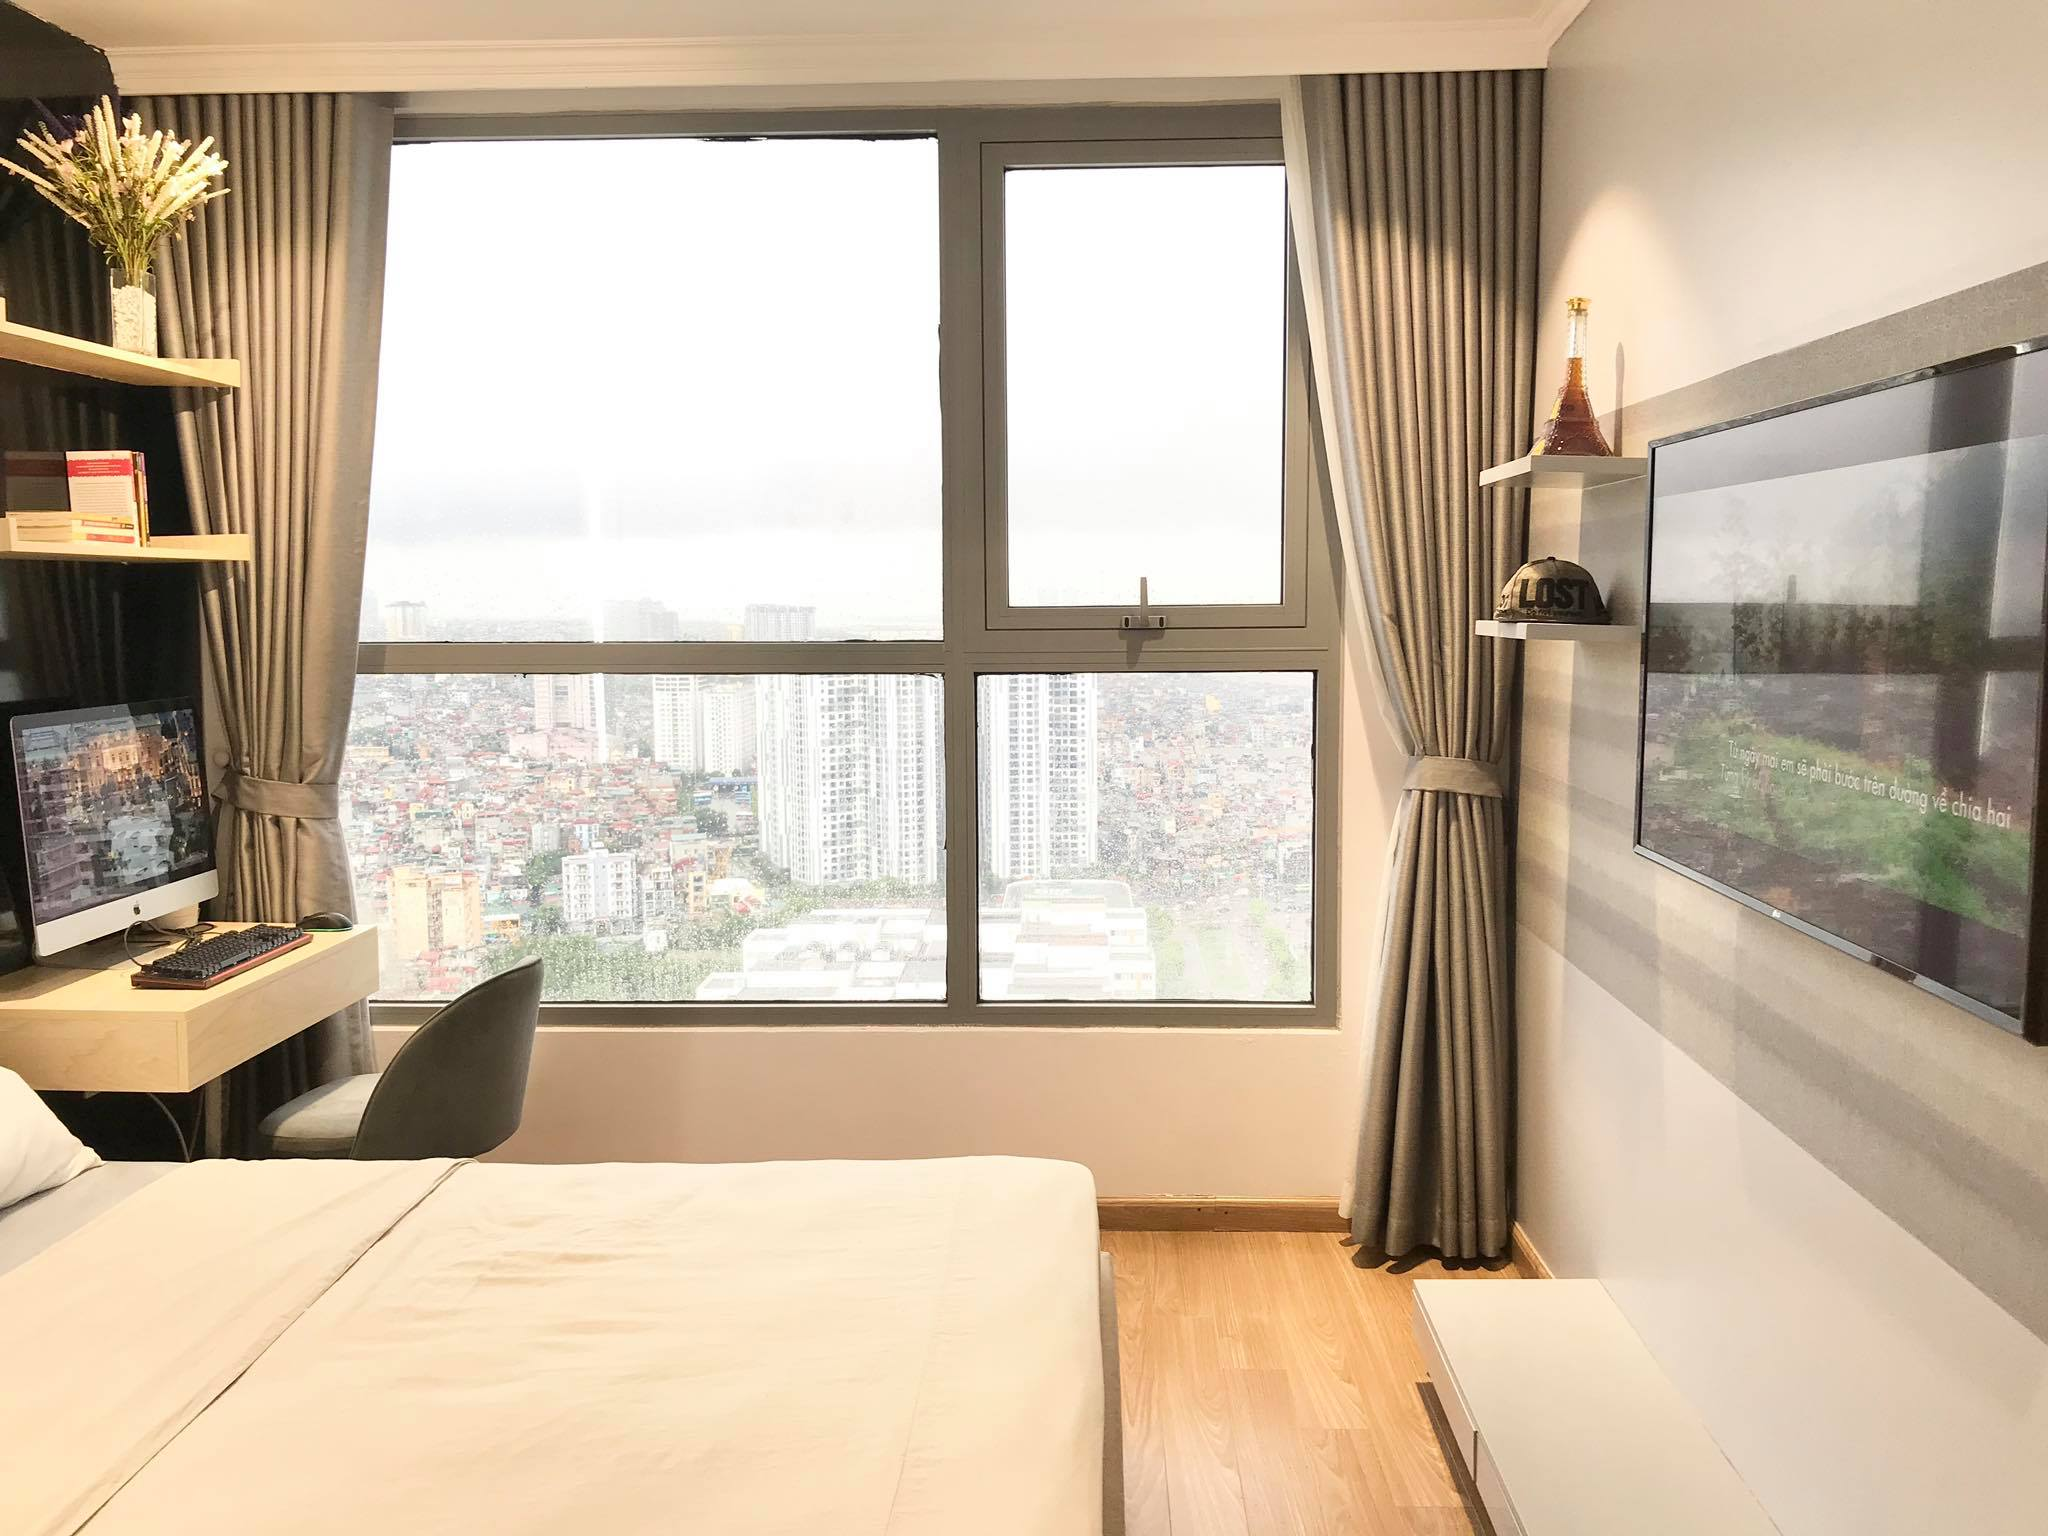 Căn hộ 79m² view trọn Hà Nội được chàng trai độc thân tự tay chọn đồ với chi phí 330 triệu đồng - Ảnh 16.